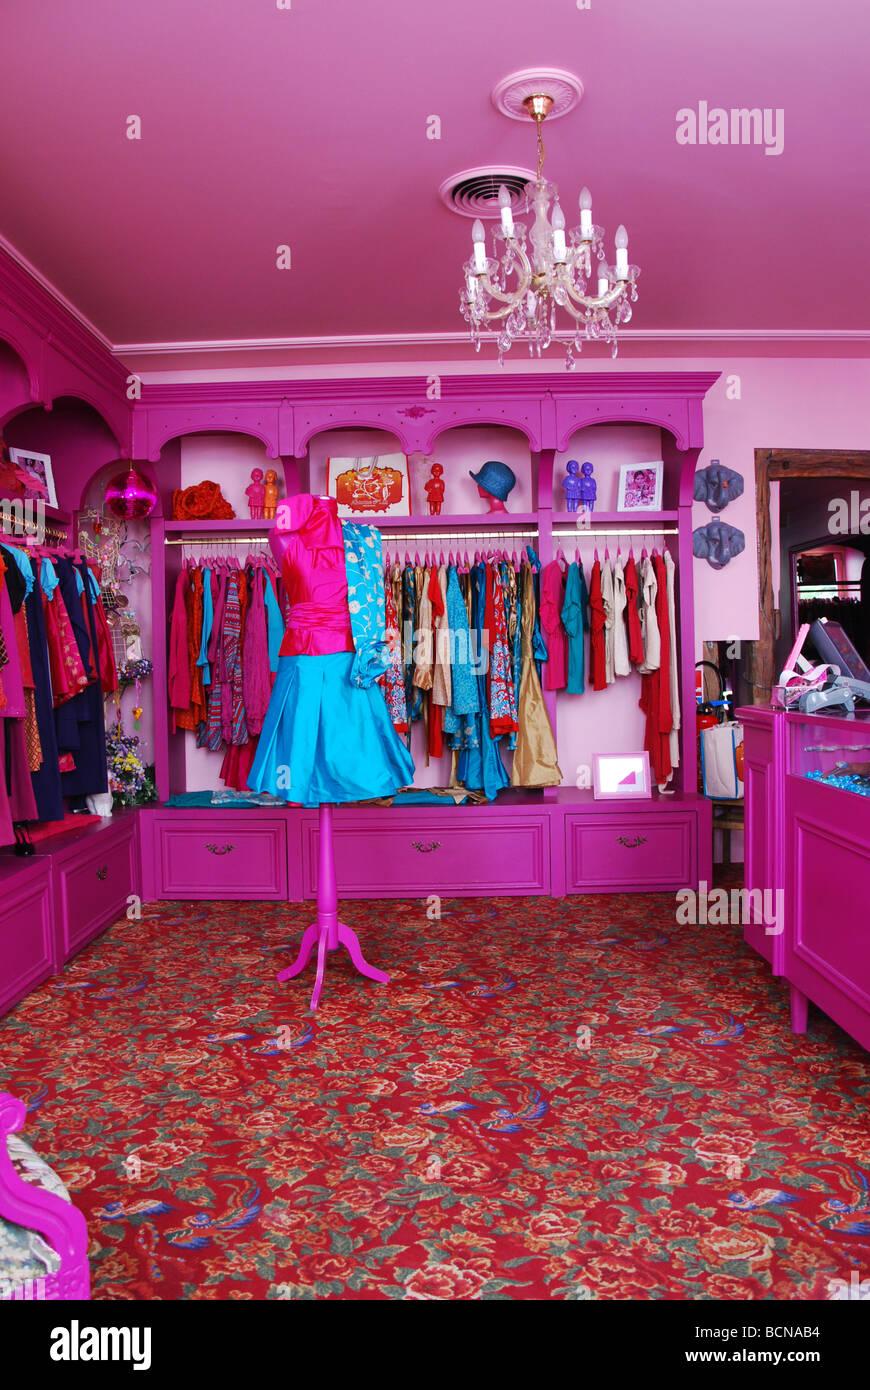 Shop Window Dresser Imágenes De Stock & Shop Window Dresser Fotos De ...